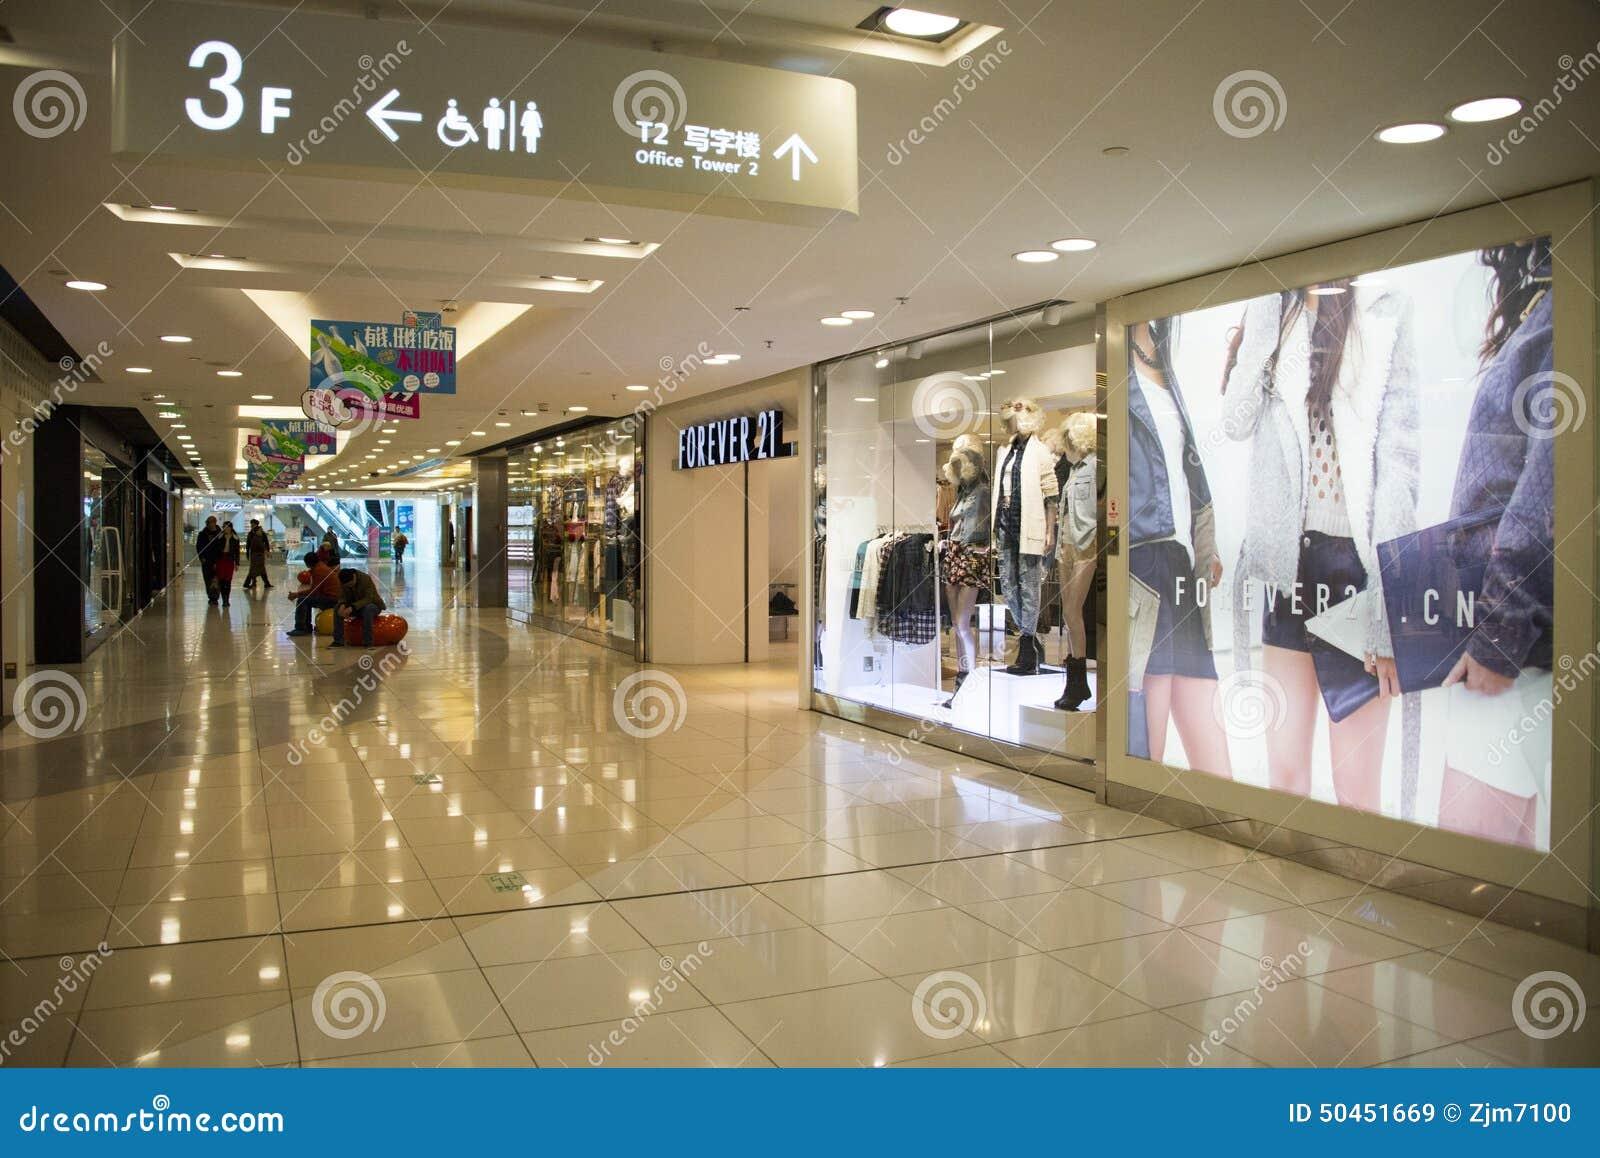 Asian China Beijing Wangfujing APM Shopping Center Interior